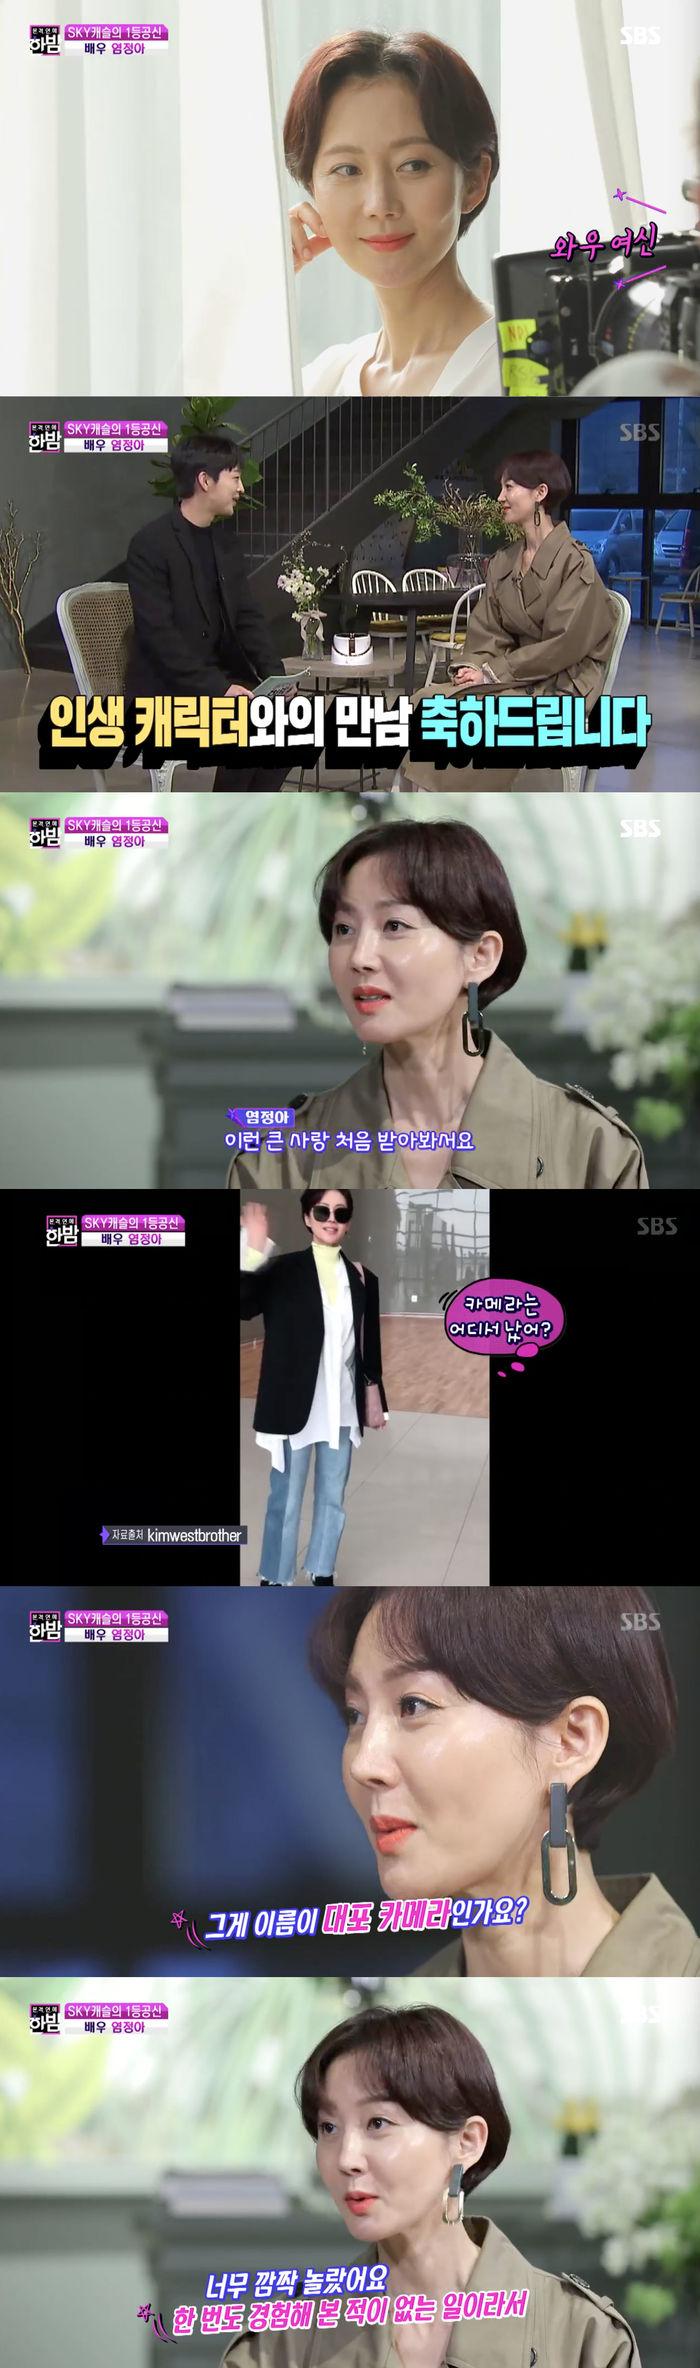 """'한밤' 염정아 """"대포 카메라 비싸 보여서 미안하더라""""…아이돌 못지 않은 인기에 '행복한 비명'"""